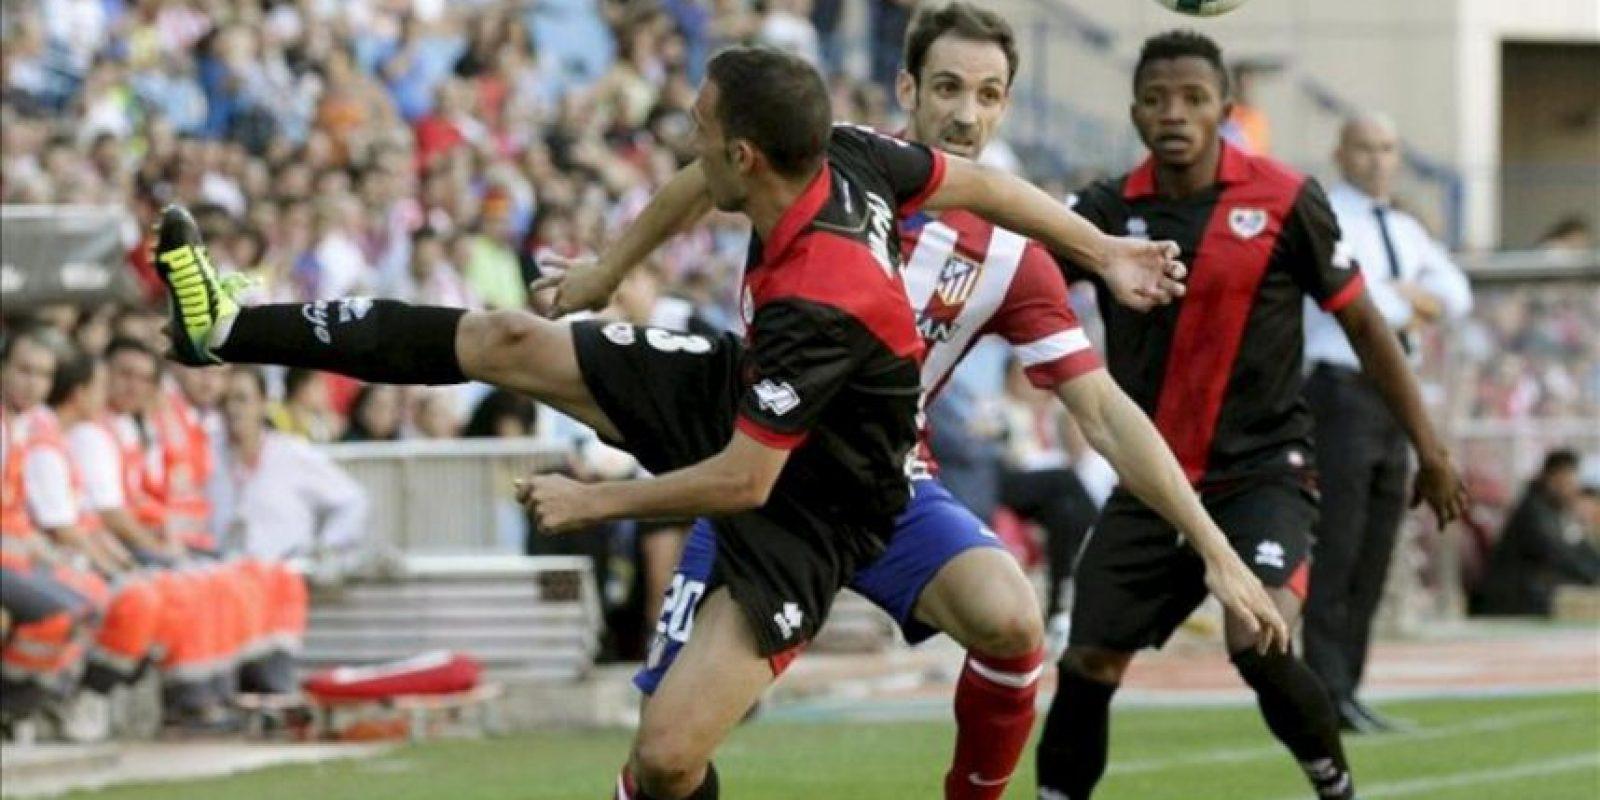 El defensa del Atlético de Madrid Juanfran (c) disputa el balón con el delantero guineano del Rayo Vallecano Lass Bangoura (d) y el defensa Nacho Martínez (i), durante el partido de la segunda jornada de la Liga BBVA en Madrid. EFE